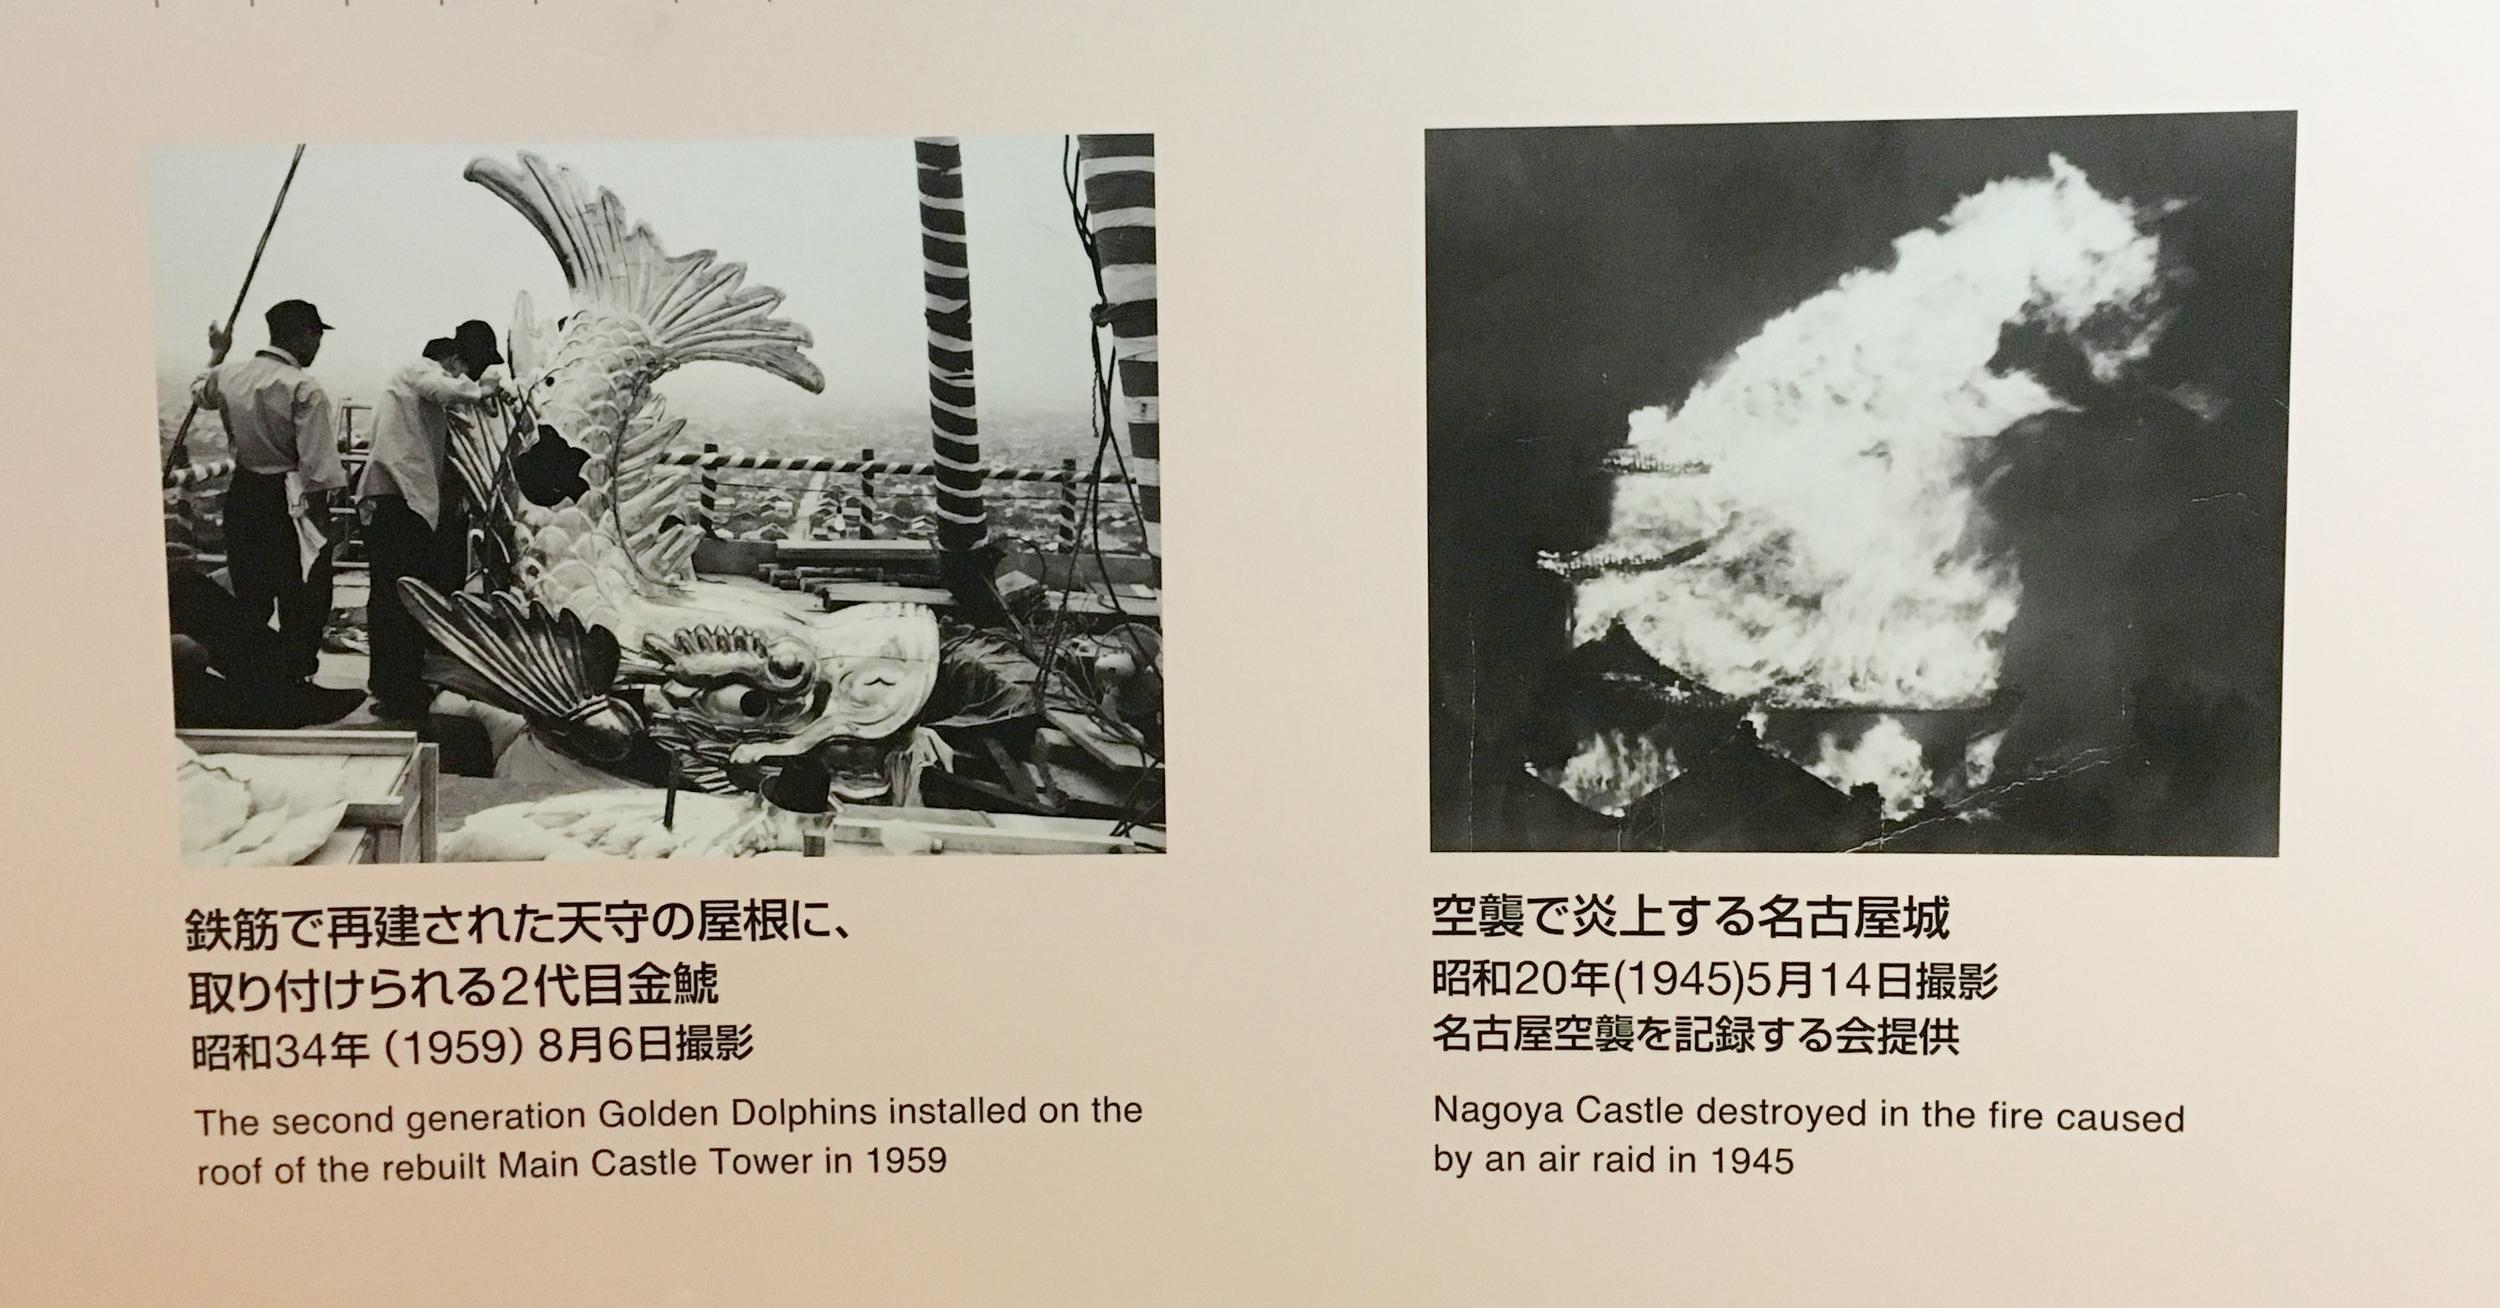 點開圖片可以看見當時名古屋遭美軍轟炸的圖片。